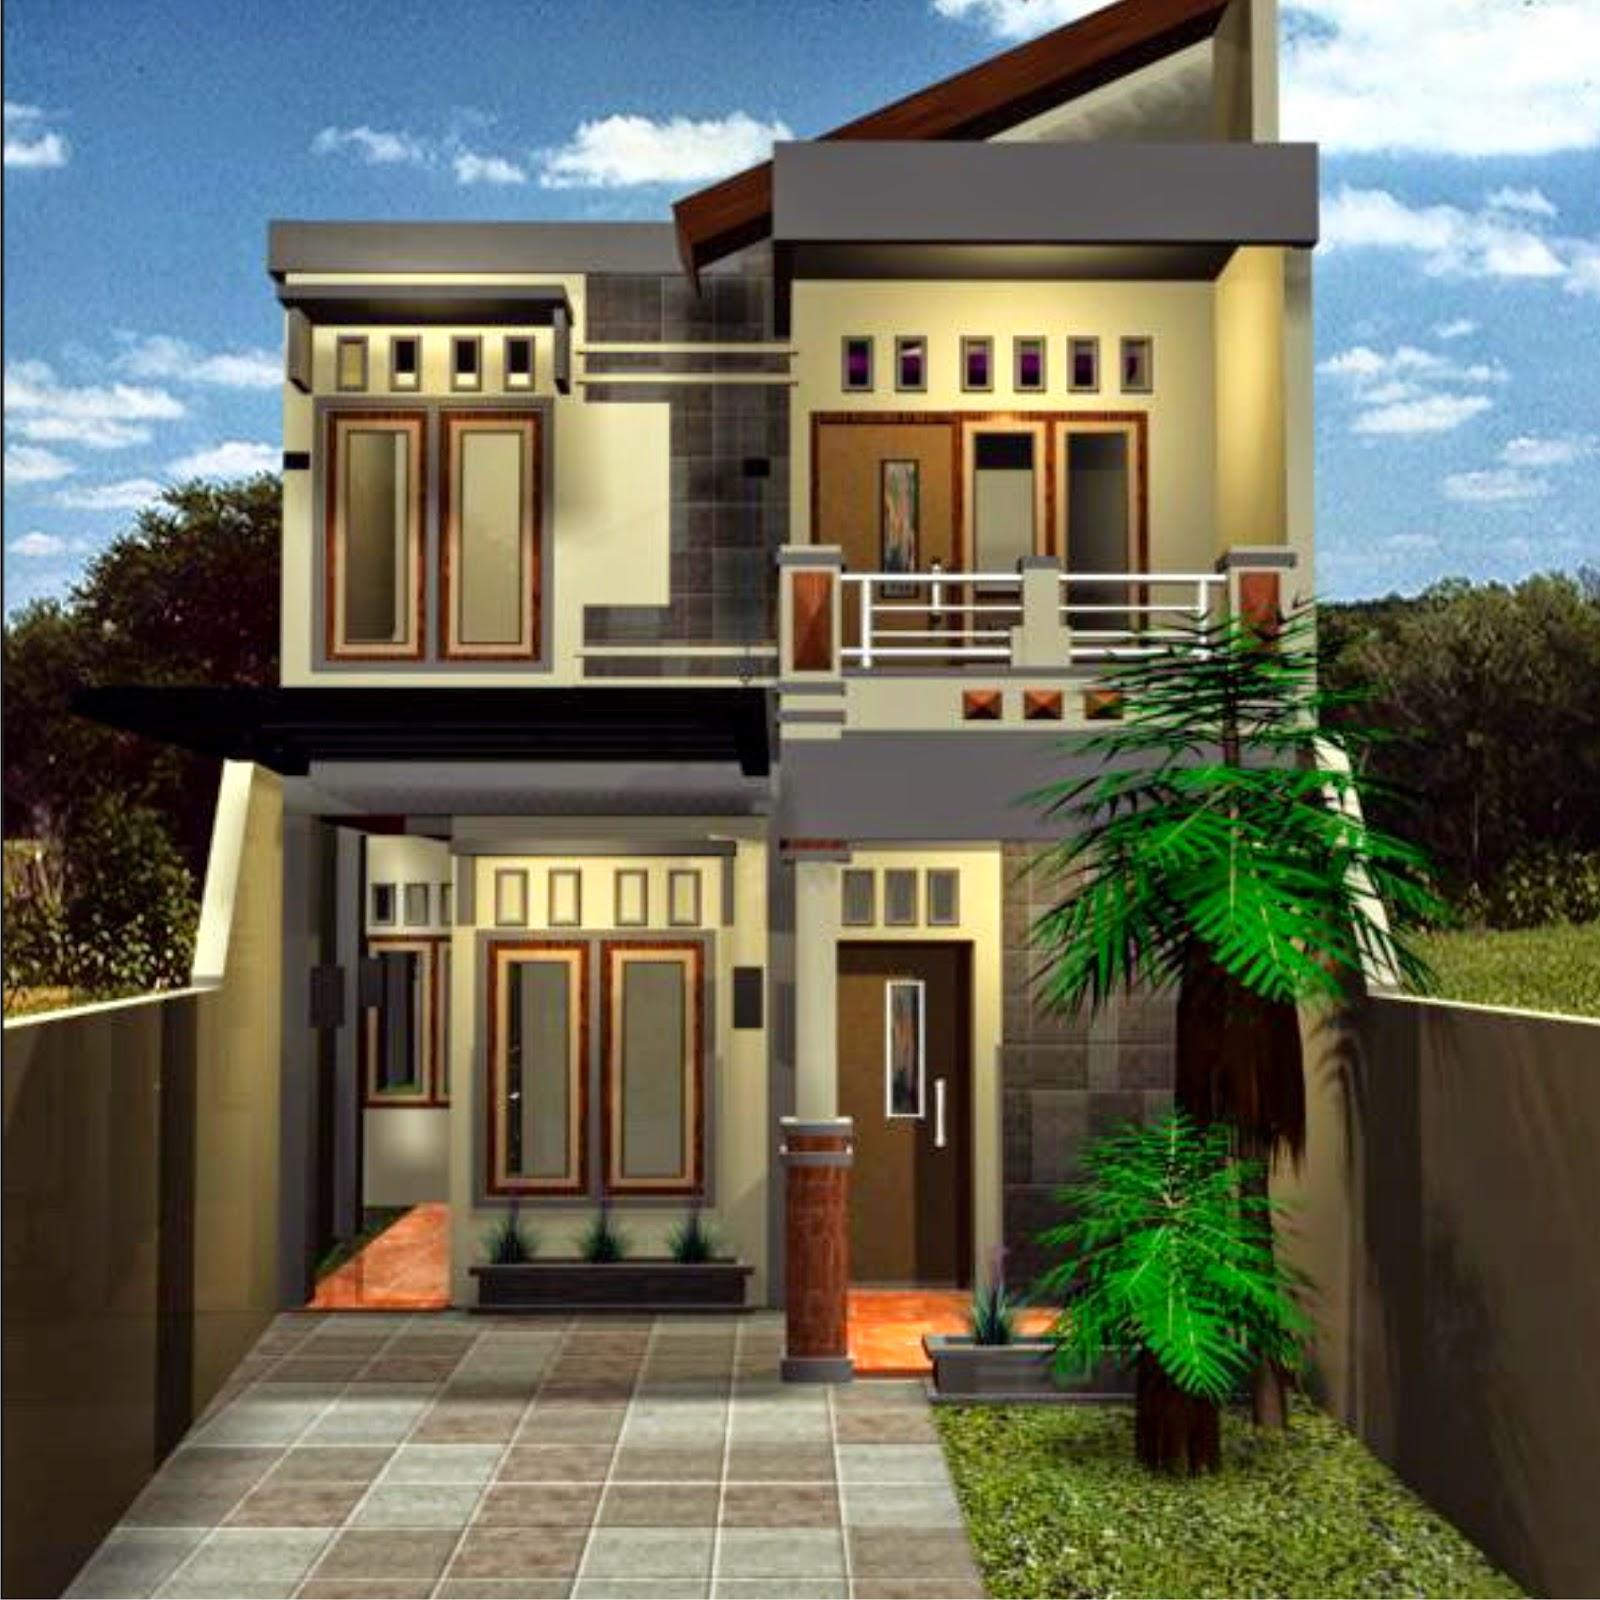 Model Rumah minimalis Terbaru 2 tingkat